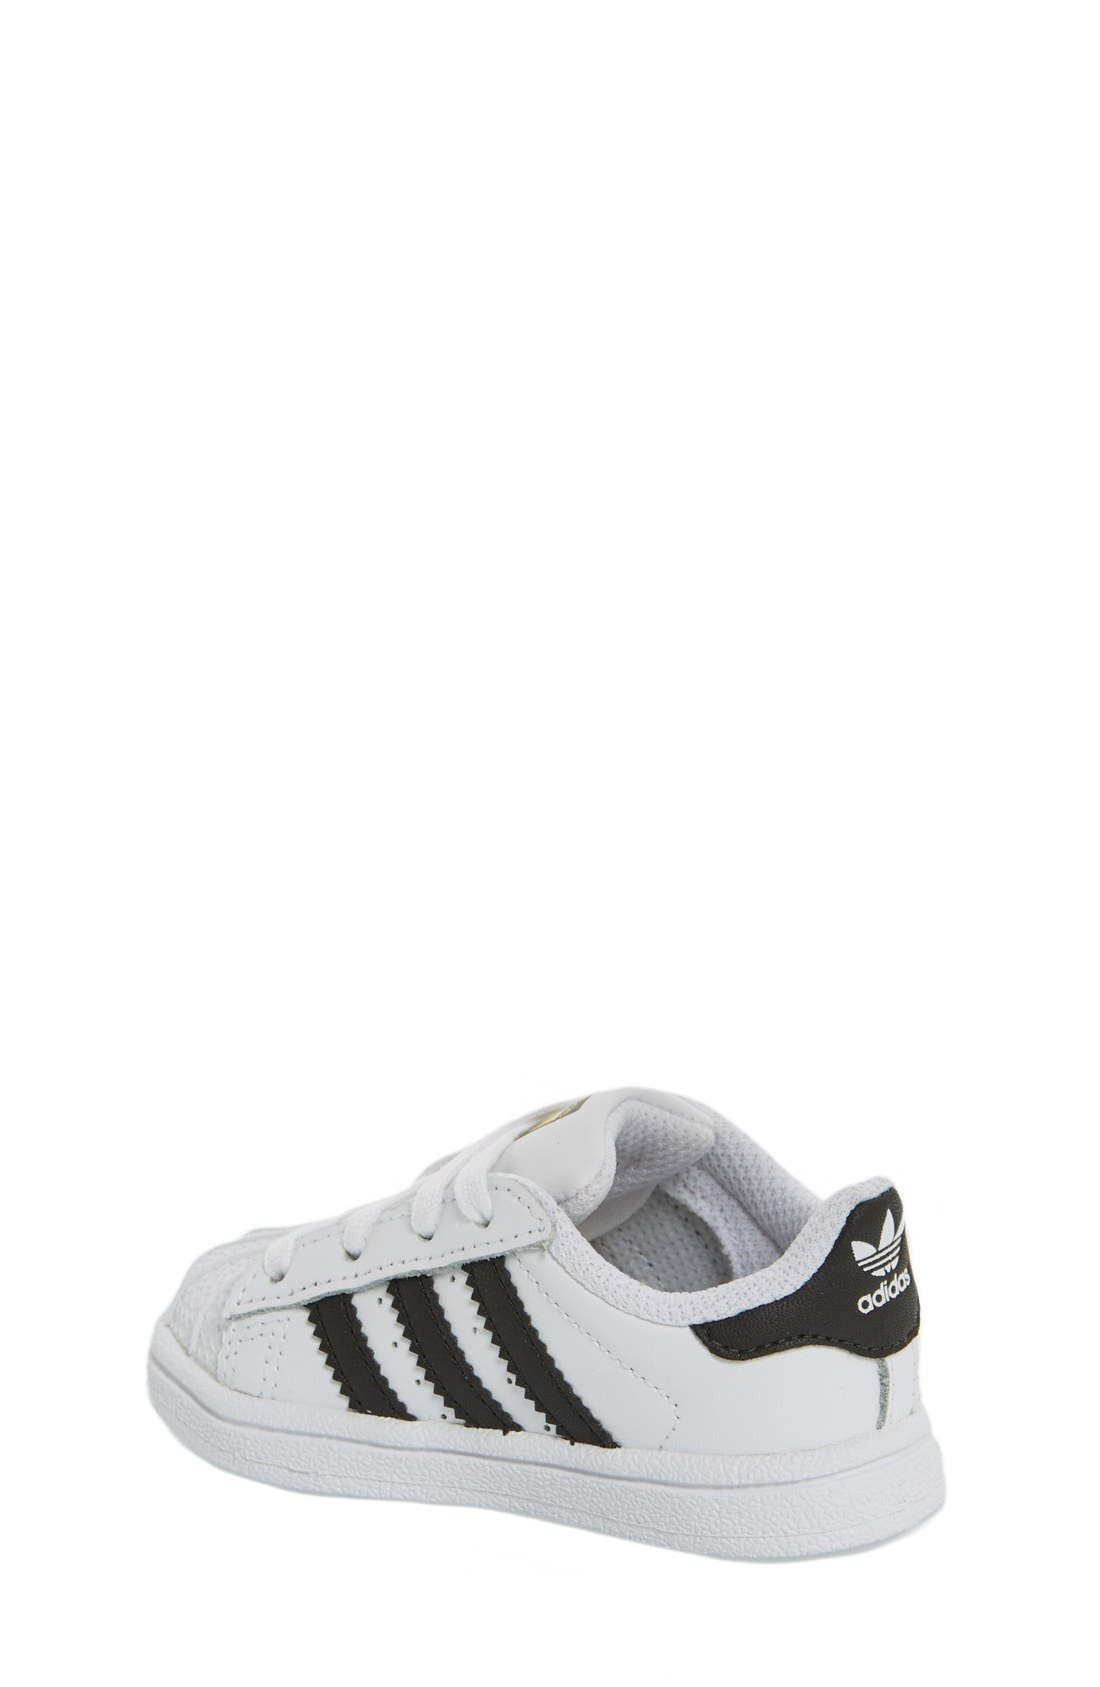 'Superstar' Sneaker,                             Alternate thumbnail 2, color,                             White/ Black